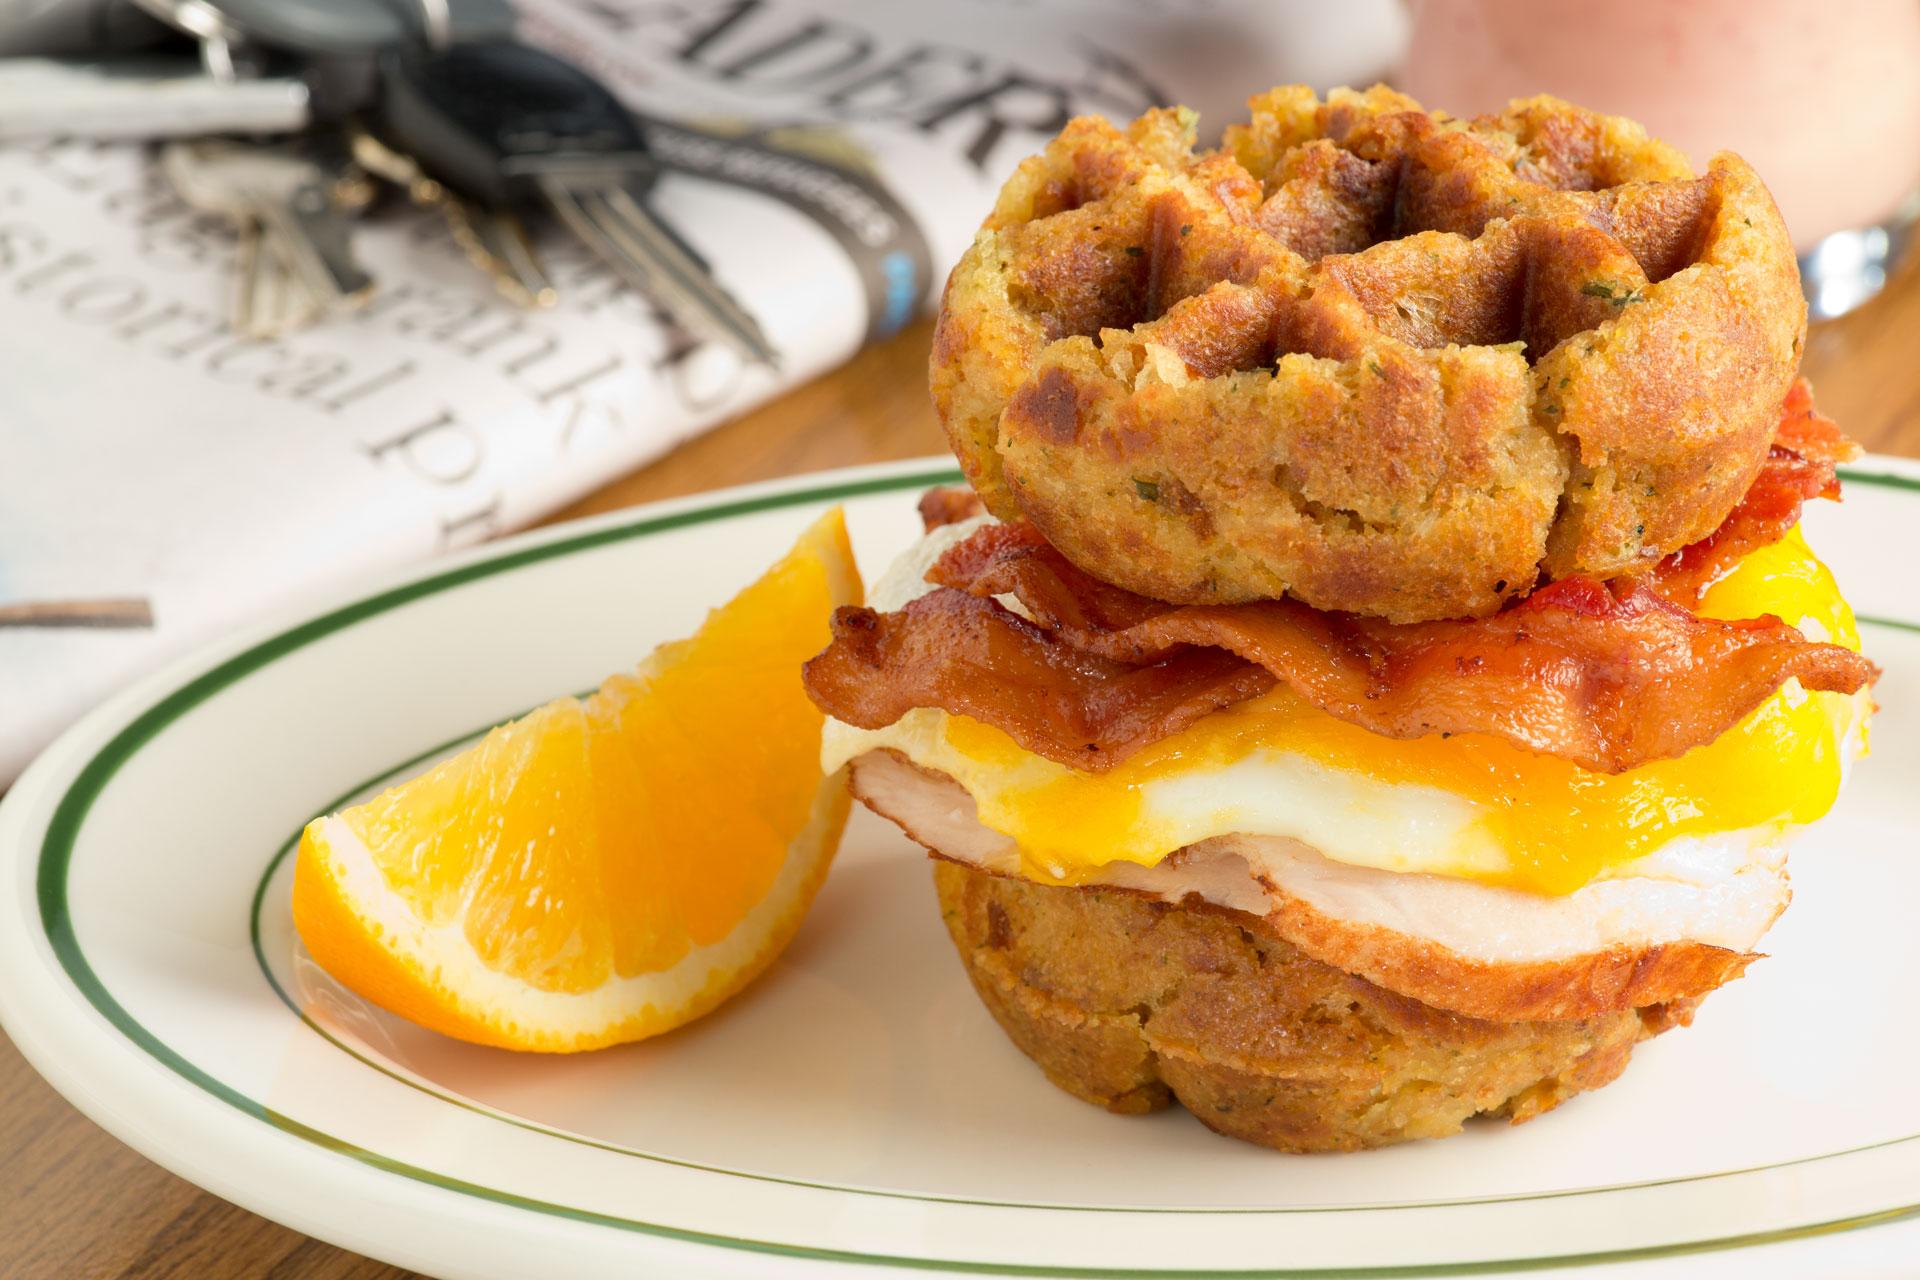 Left-over Turkey & Stuffing Breakfast Waffle Sandwich